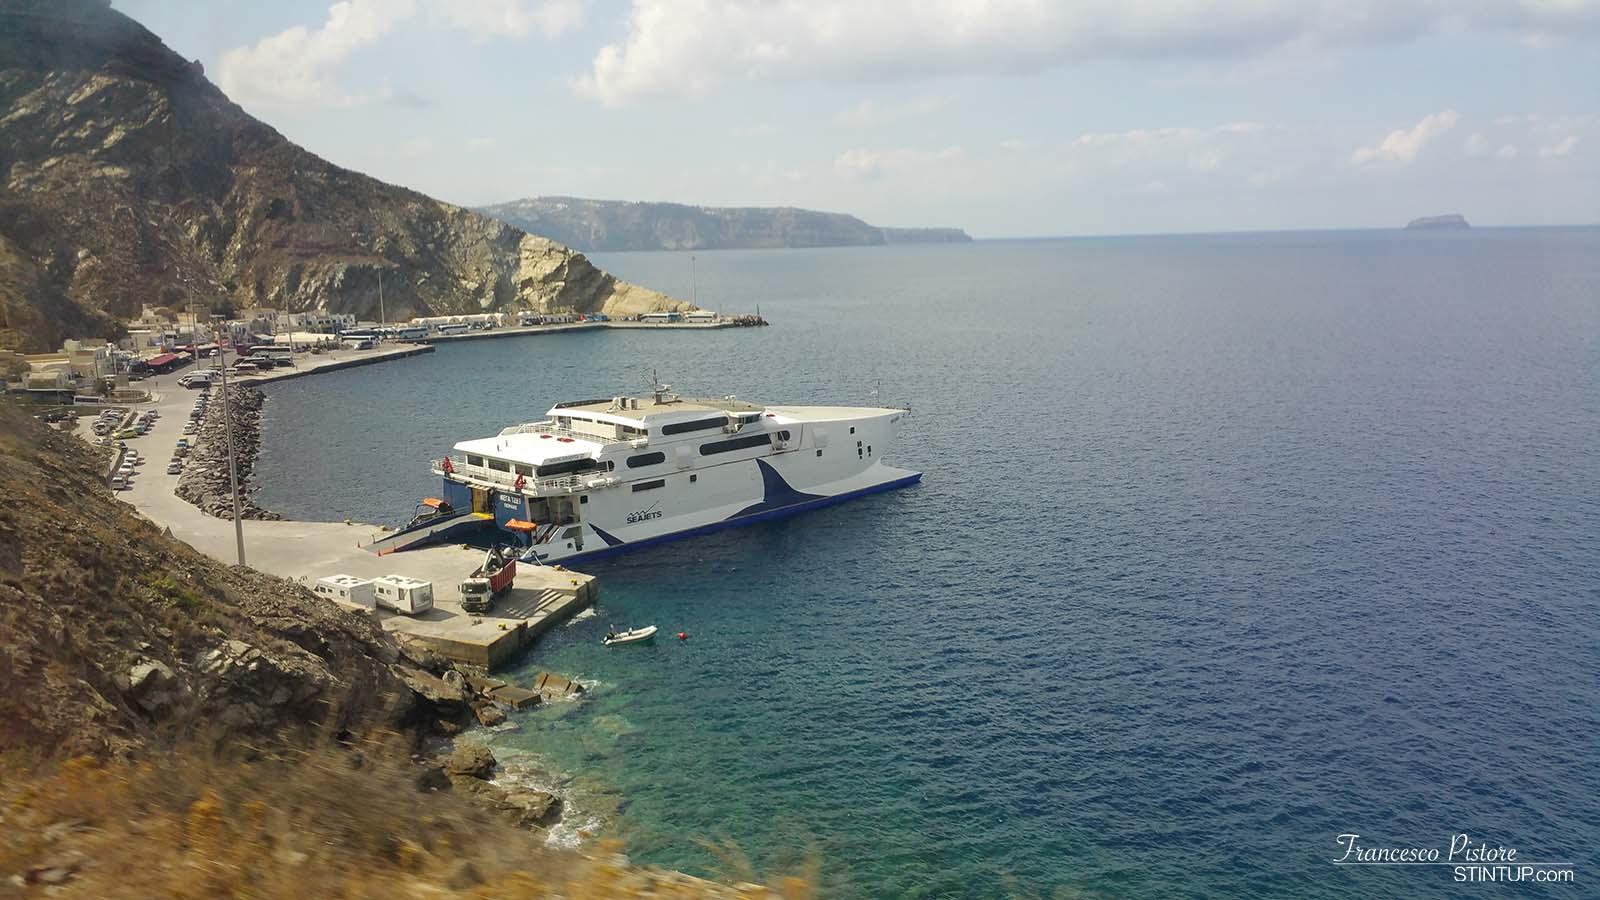 Uno degli aliscafi in partenza da Santorini